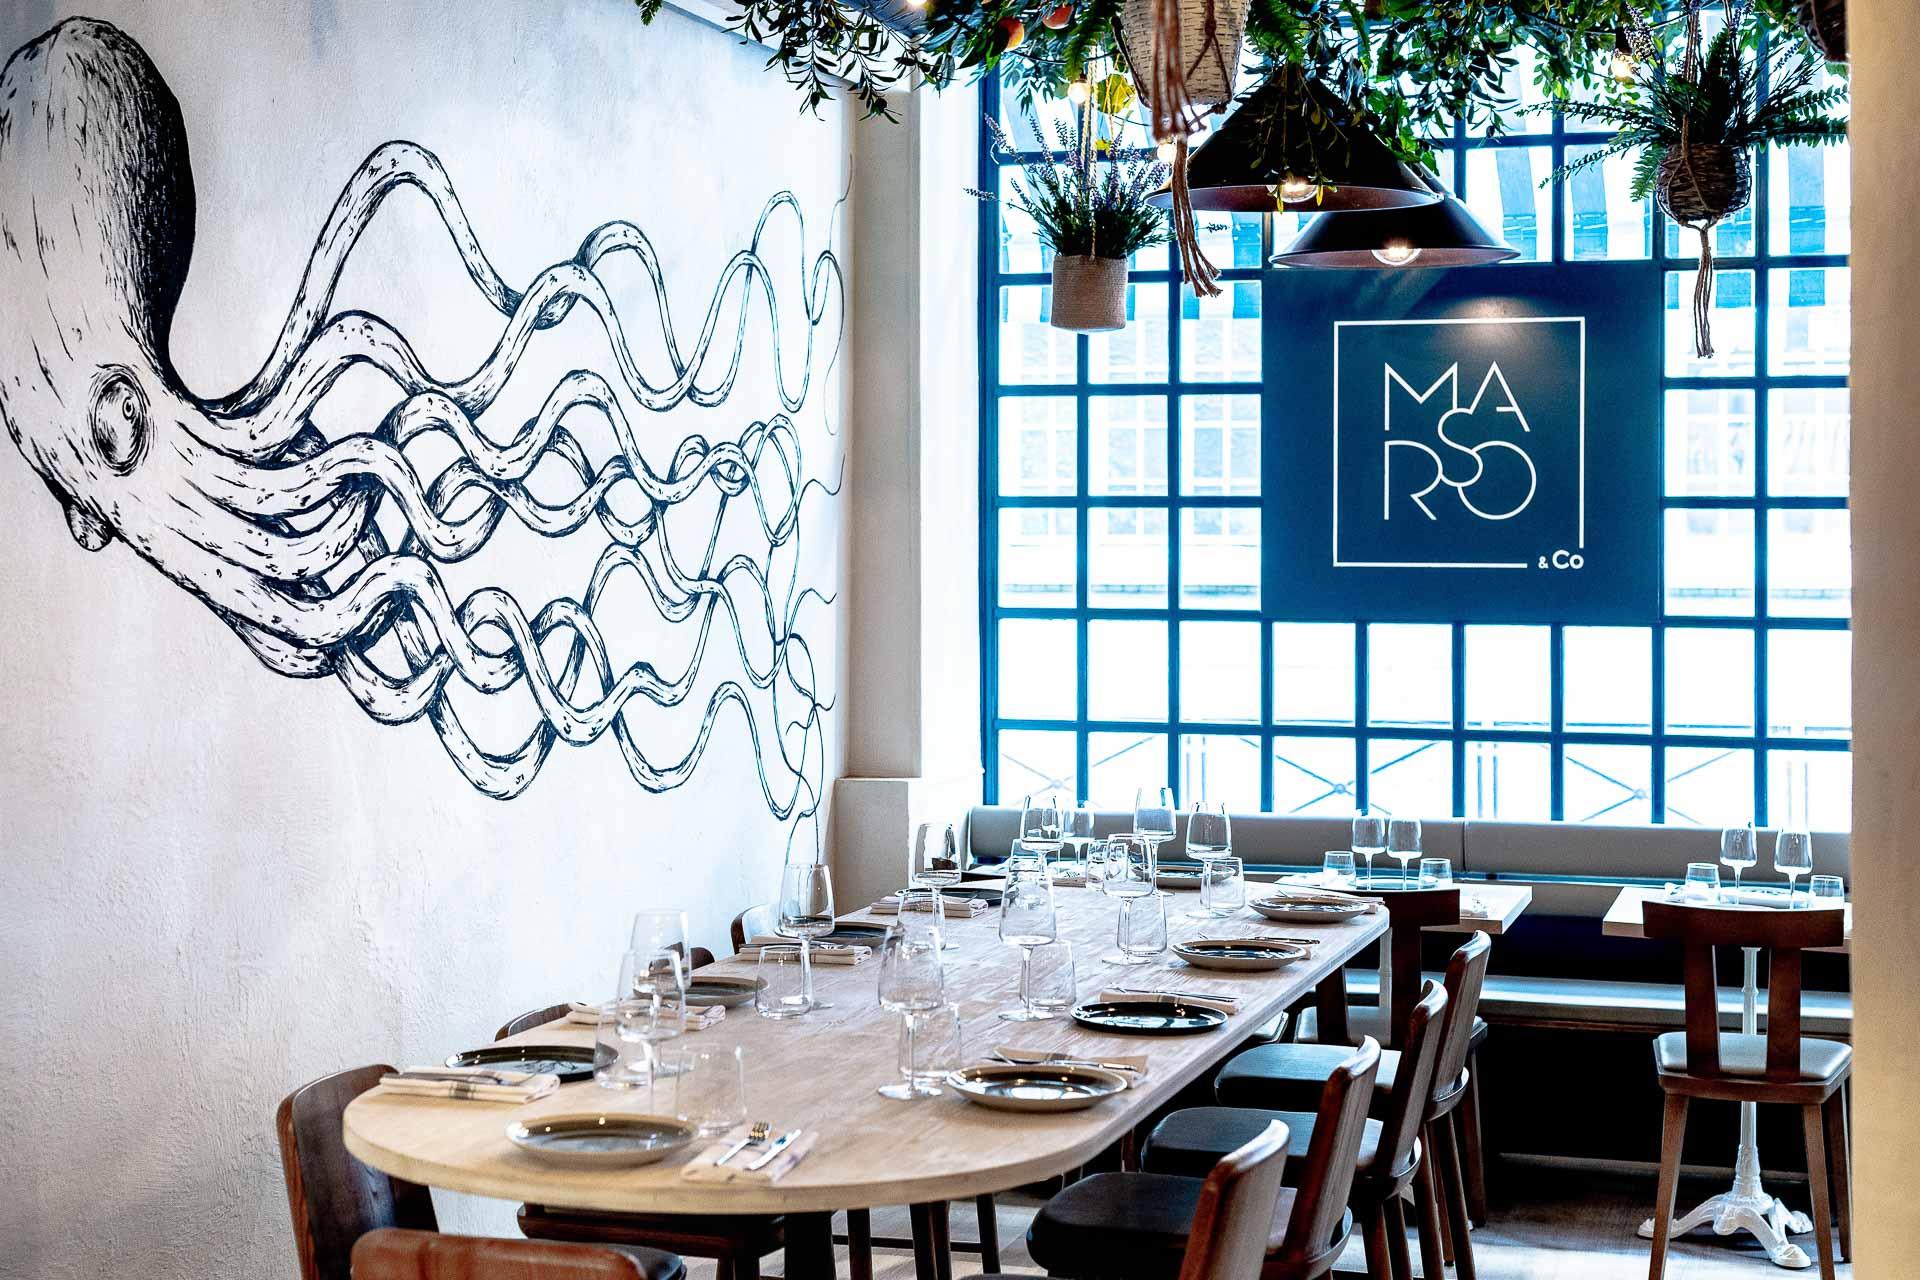 Le dernier jour de 2019 marque aussi celui du bilan. On retrace l'année gastronomique parisienne à travers les ouvertures de restaurants les plus marquantes des douze derniers mois. Au menu, 15 tables coup de cœur et 35 adresses listées par arrondissement.